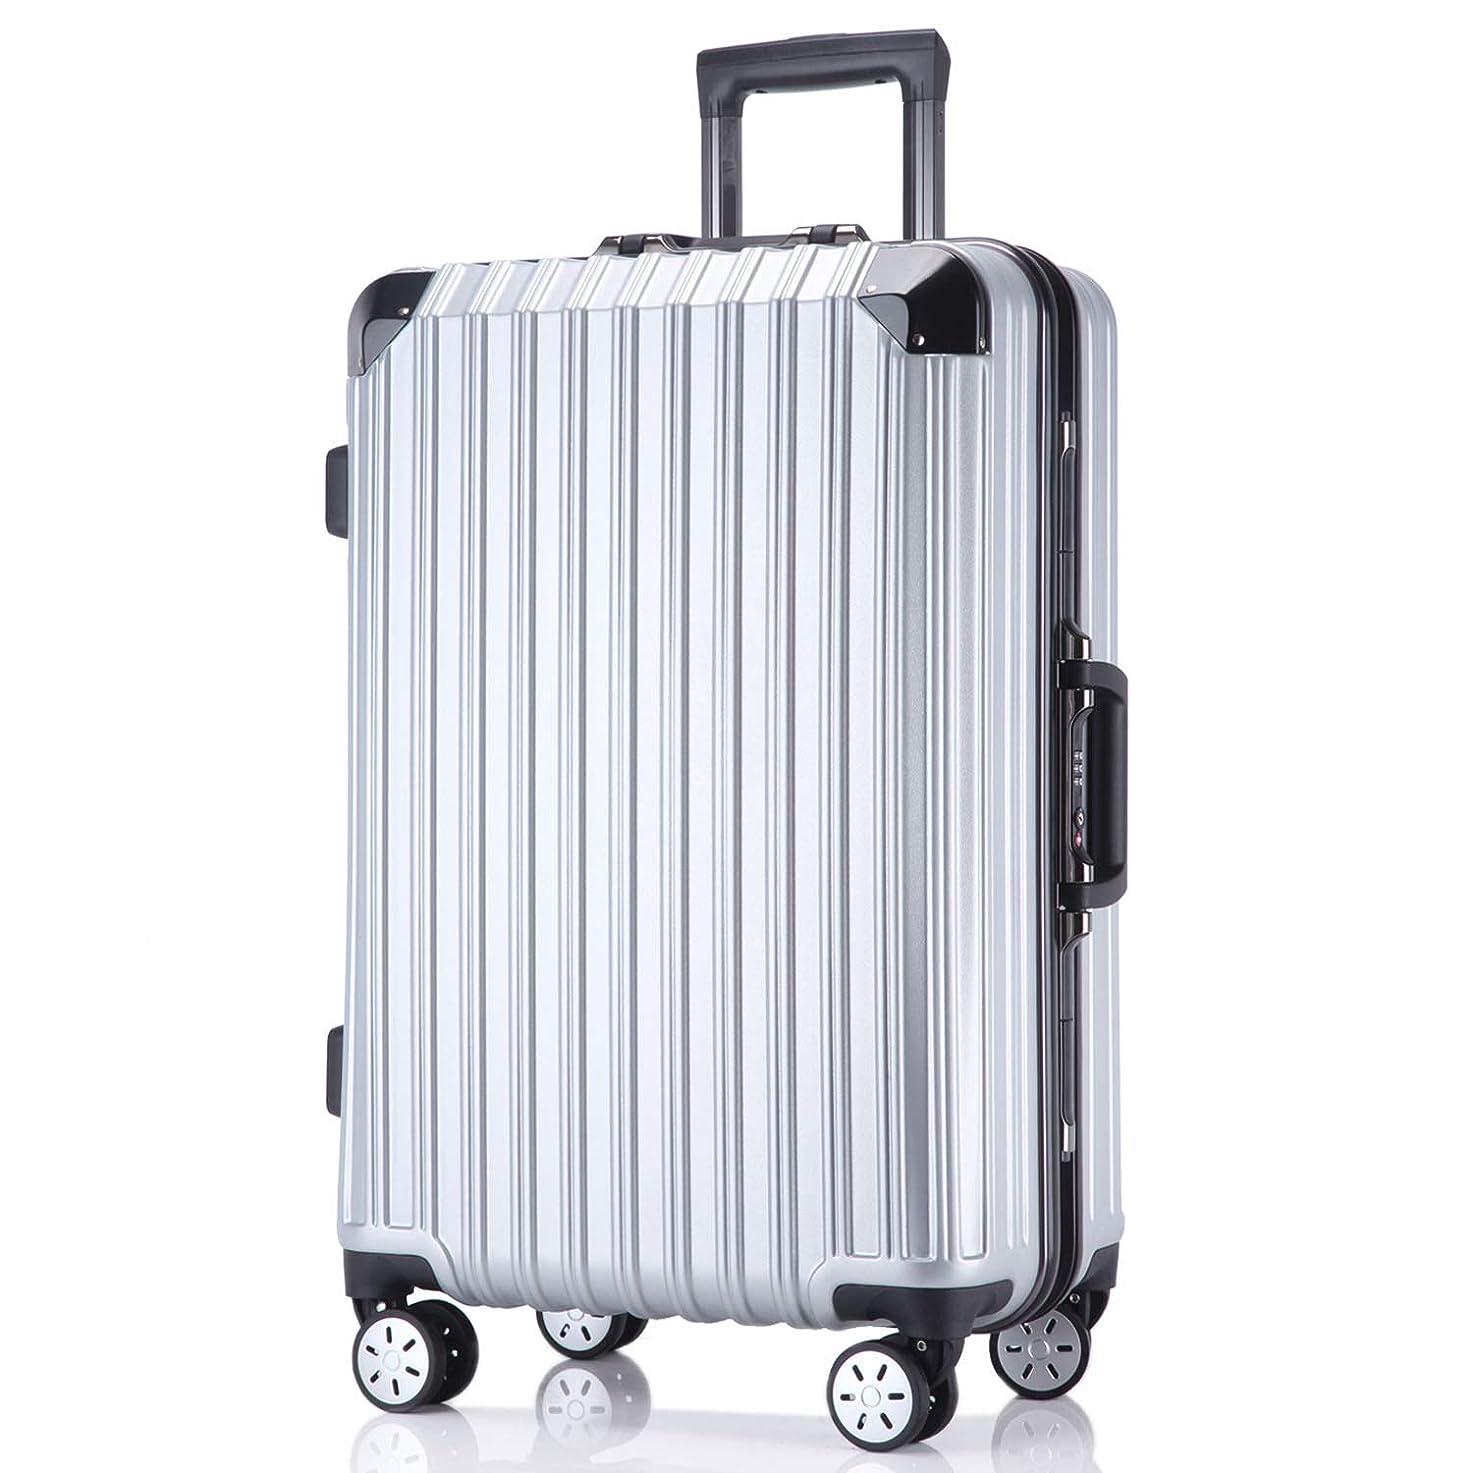 横たわる復活する感情レーズ(Reezu) スーツケース 軽量 キャリーバッグ アルミフレーム キャリーケース TSAロック付 8輪 アルミ合金製 耐衝撃 旅行出張 1年保証